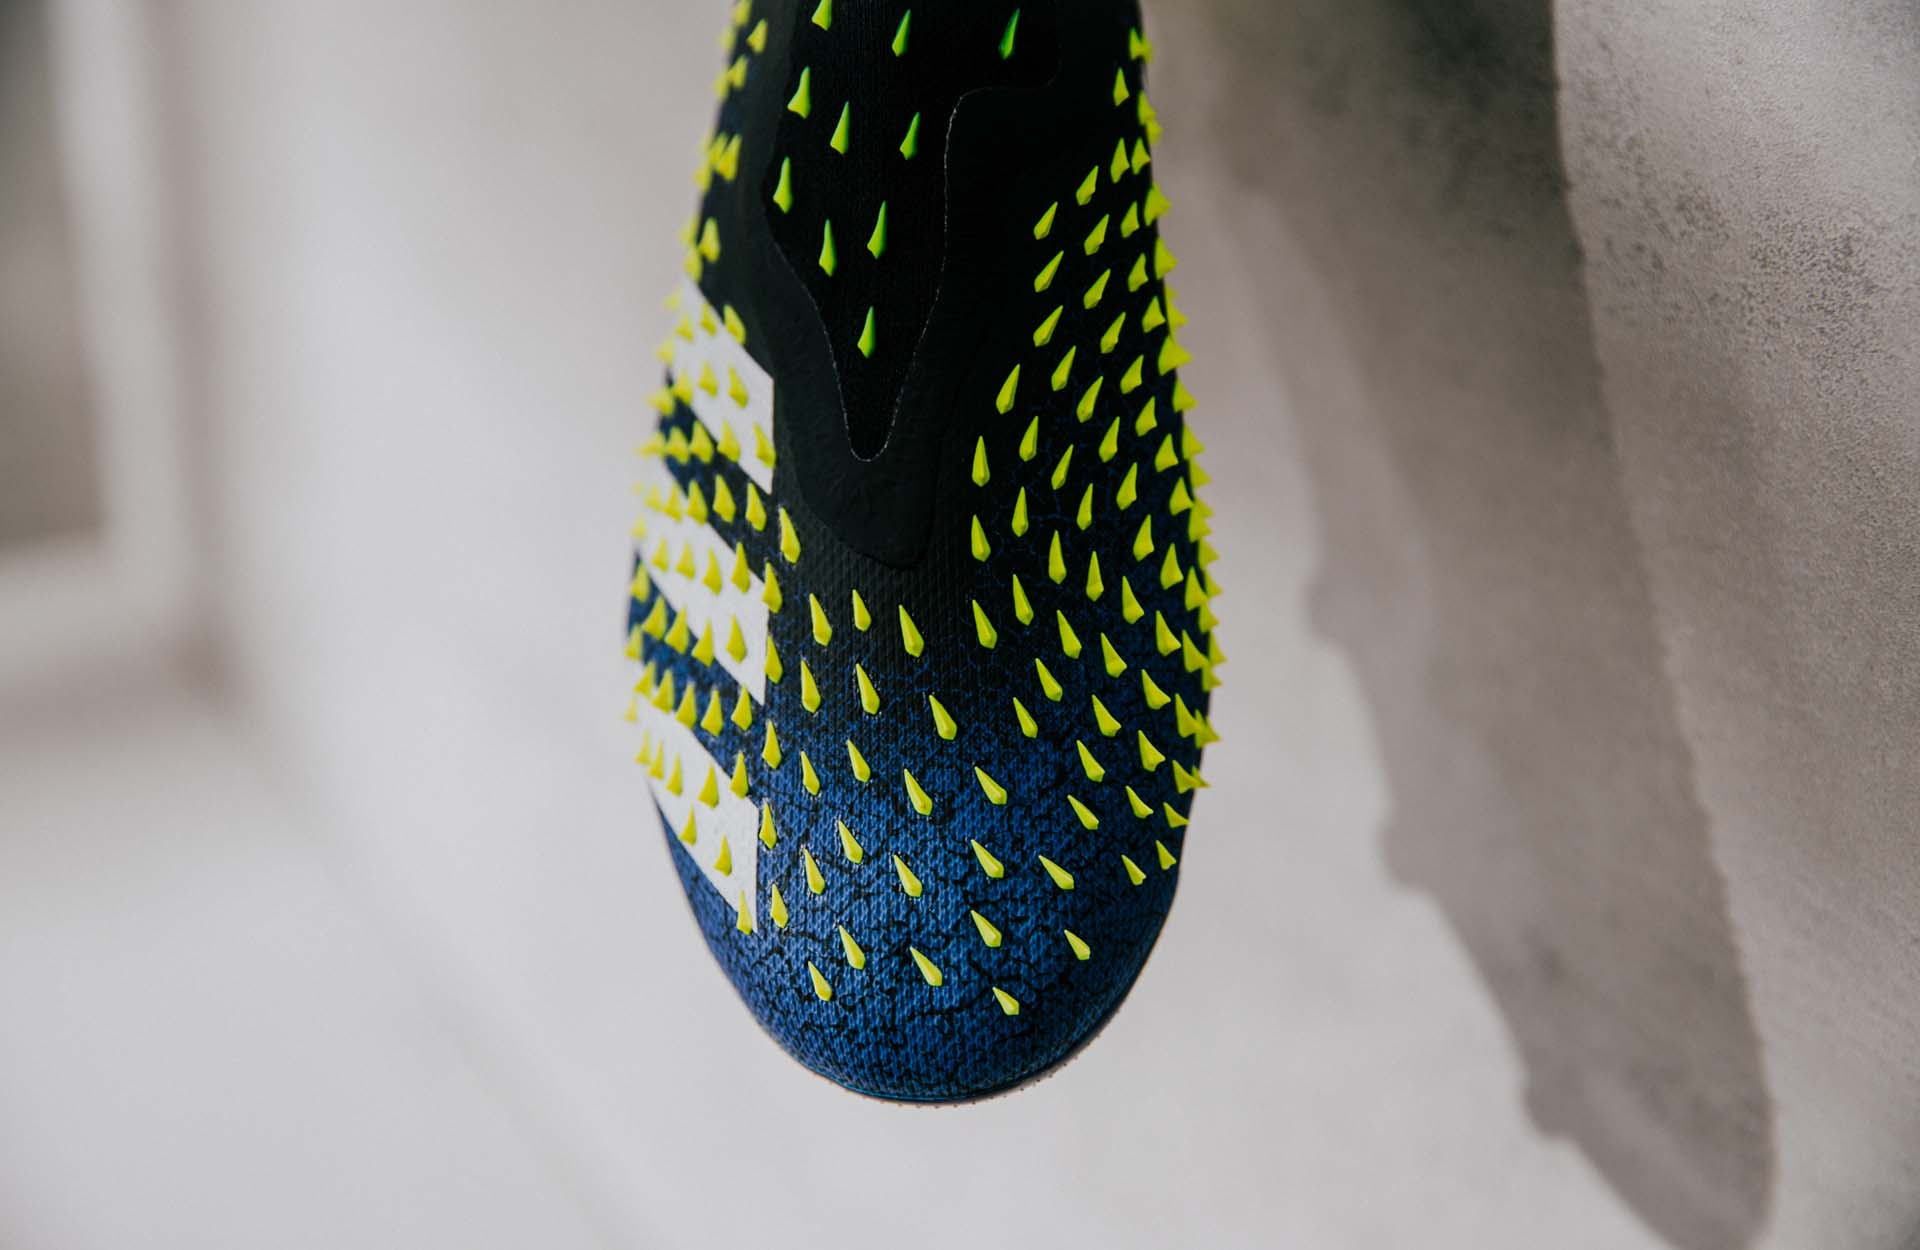 Adidas Predator Freak 2021 nổi bật với thiết kế gai nhọn cực kỳ ngầu ở trên bề mặt Upper